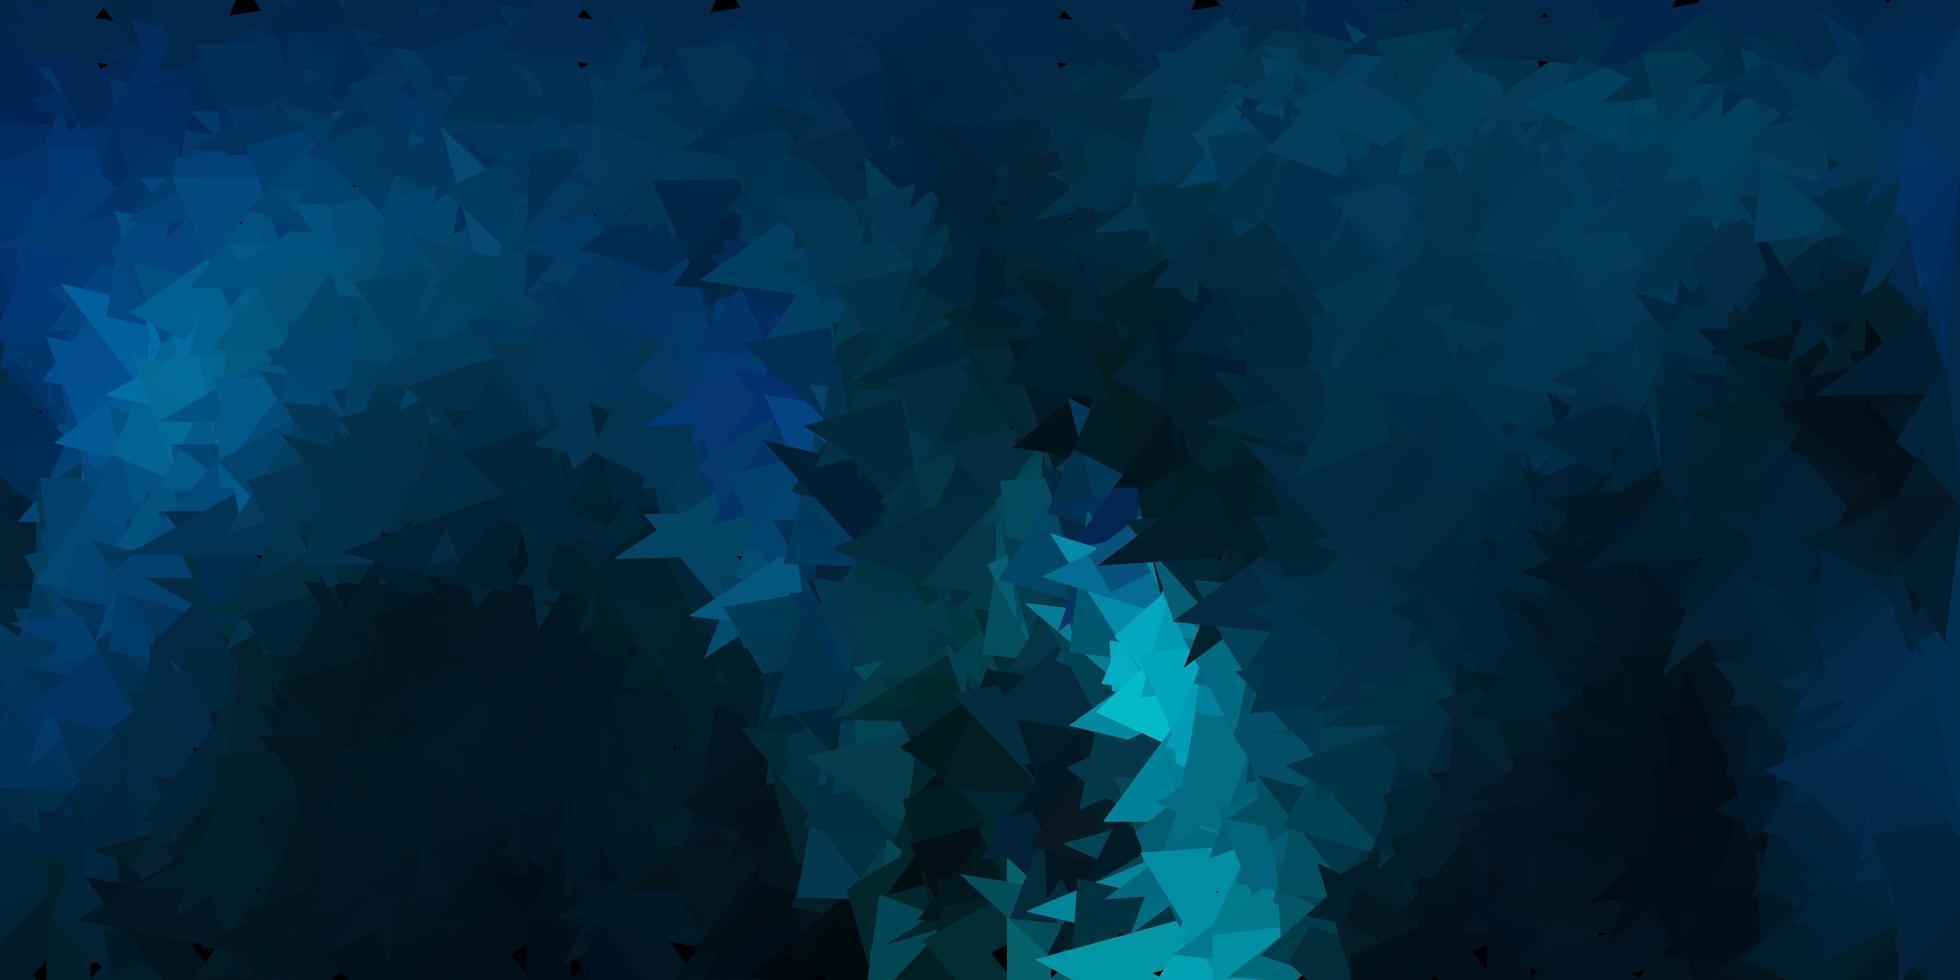 sfondo poligonale vettoriale blu scuro, verde.